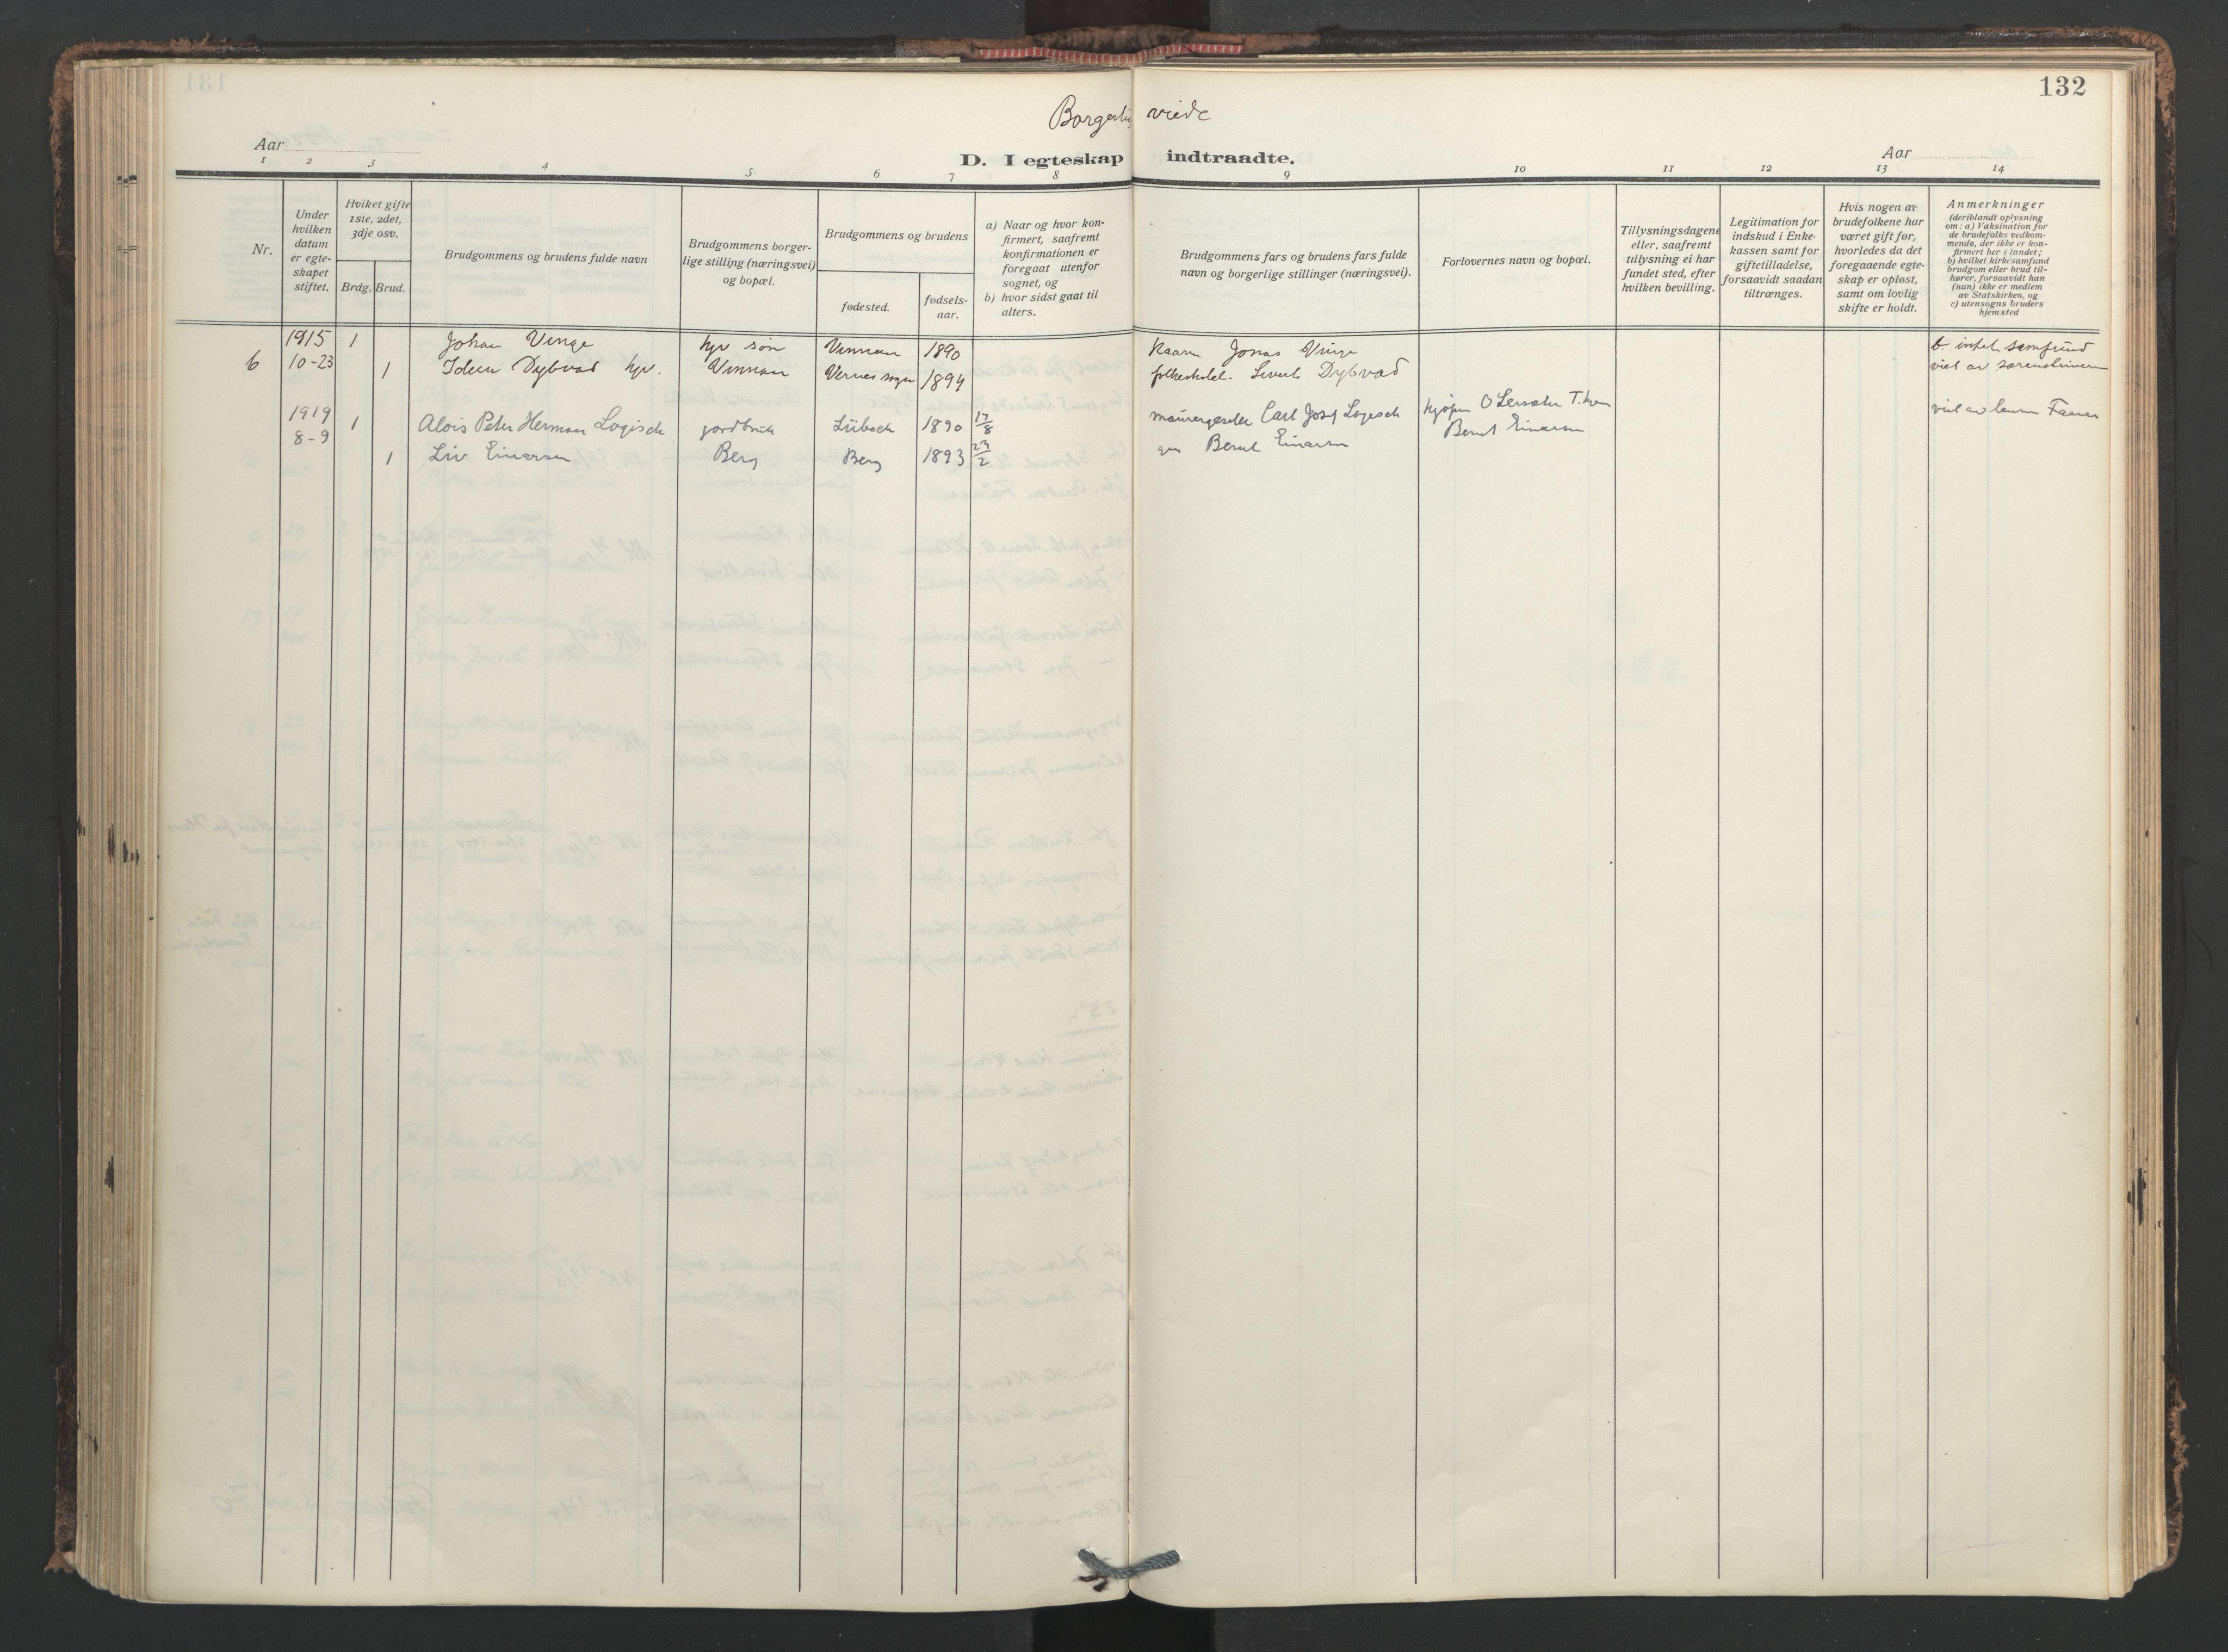 SAT, Ministerialprotokoller, klokkerbøker og fødselsregistre - Nord-Trøndelag, 713/L0123: Ministerialbok nr. 713A12, 1911-1925, s. 132